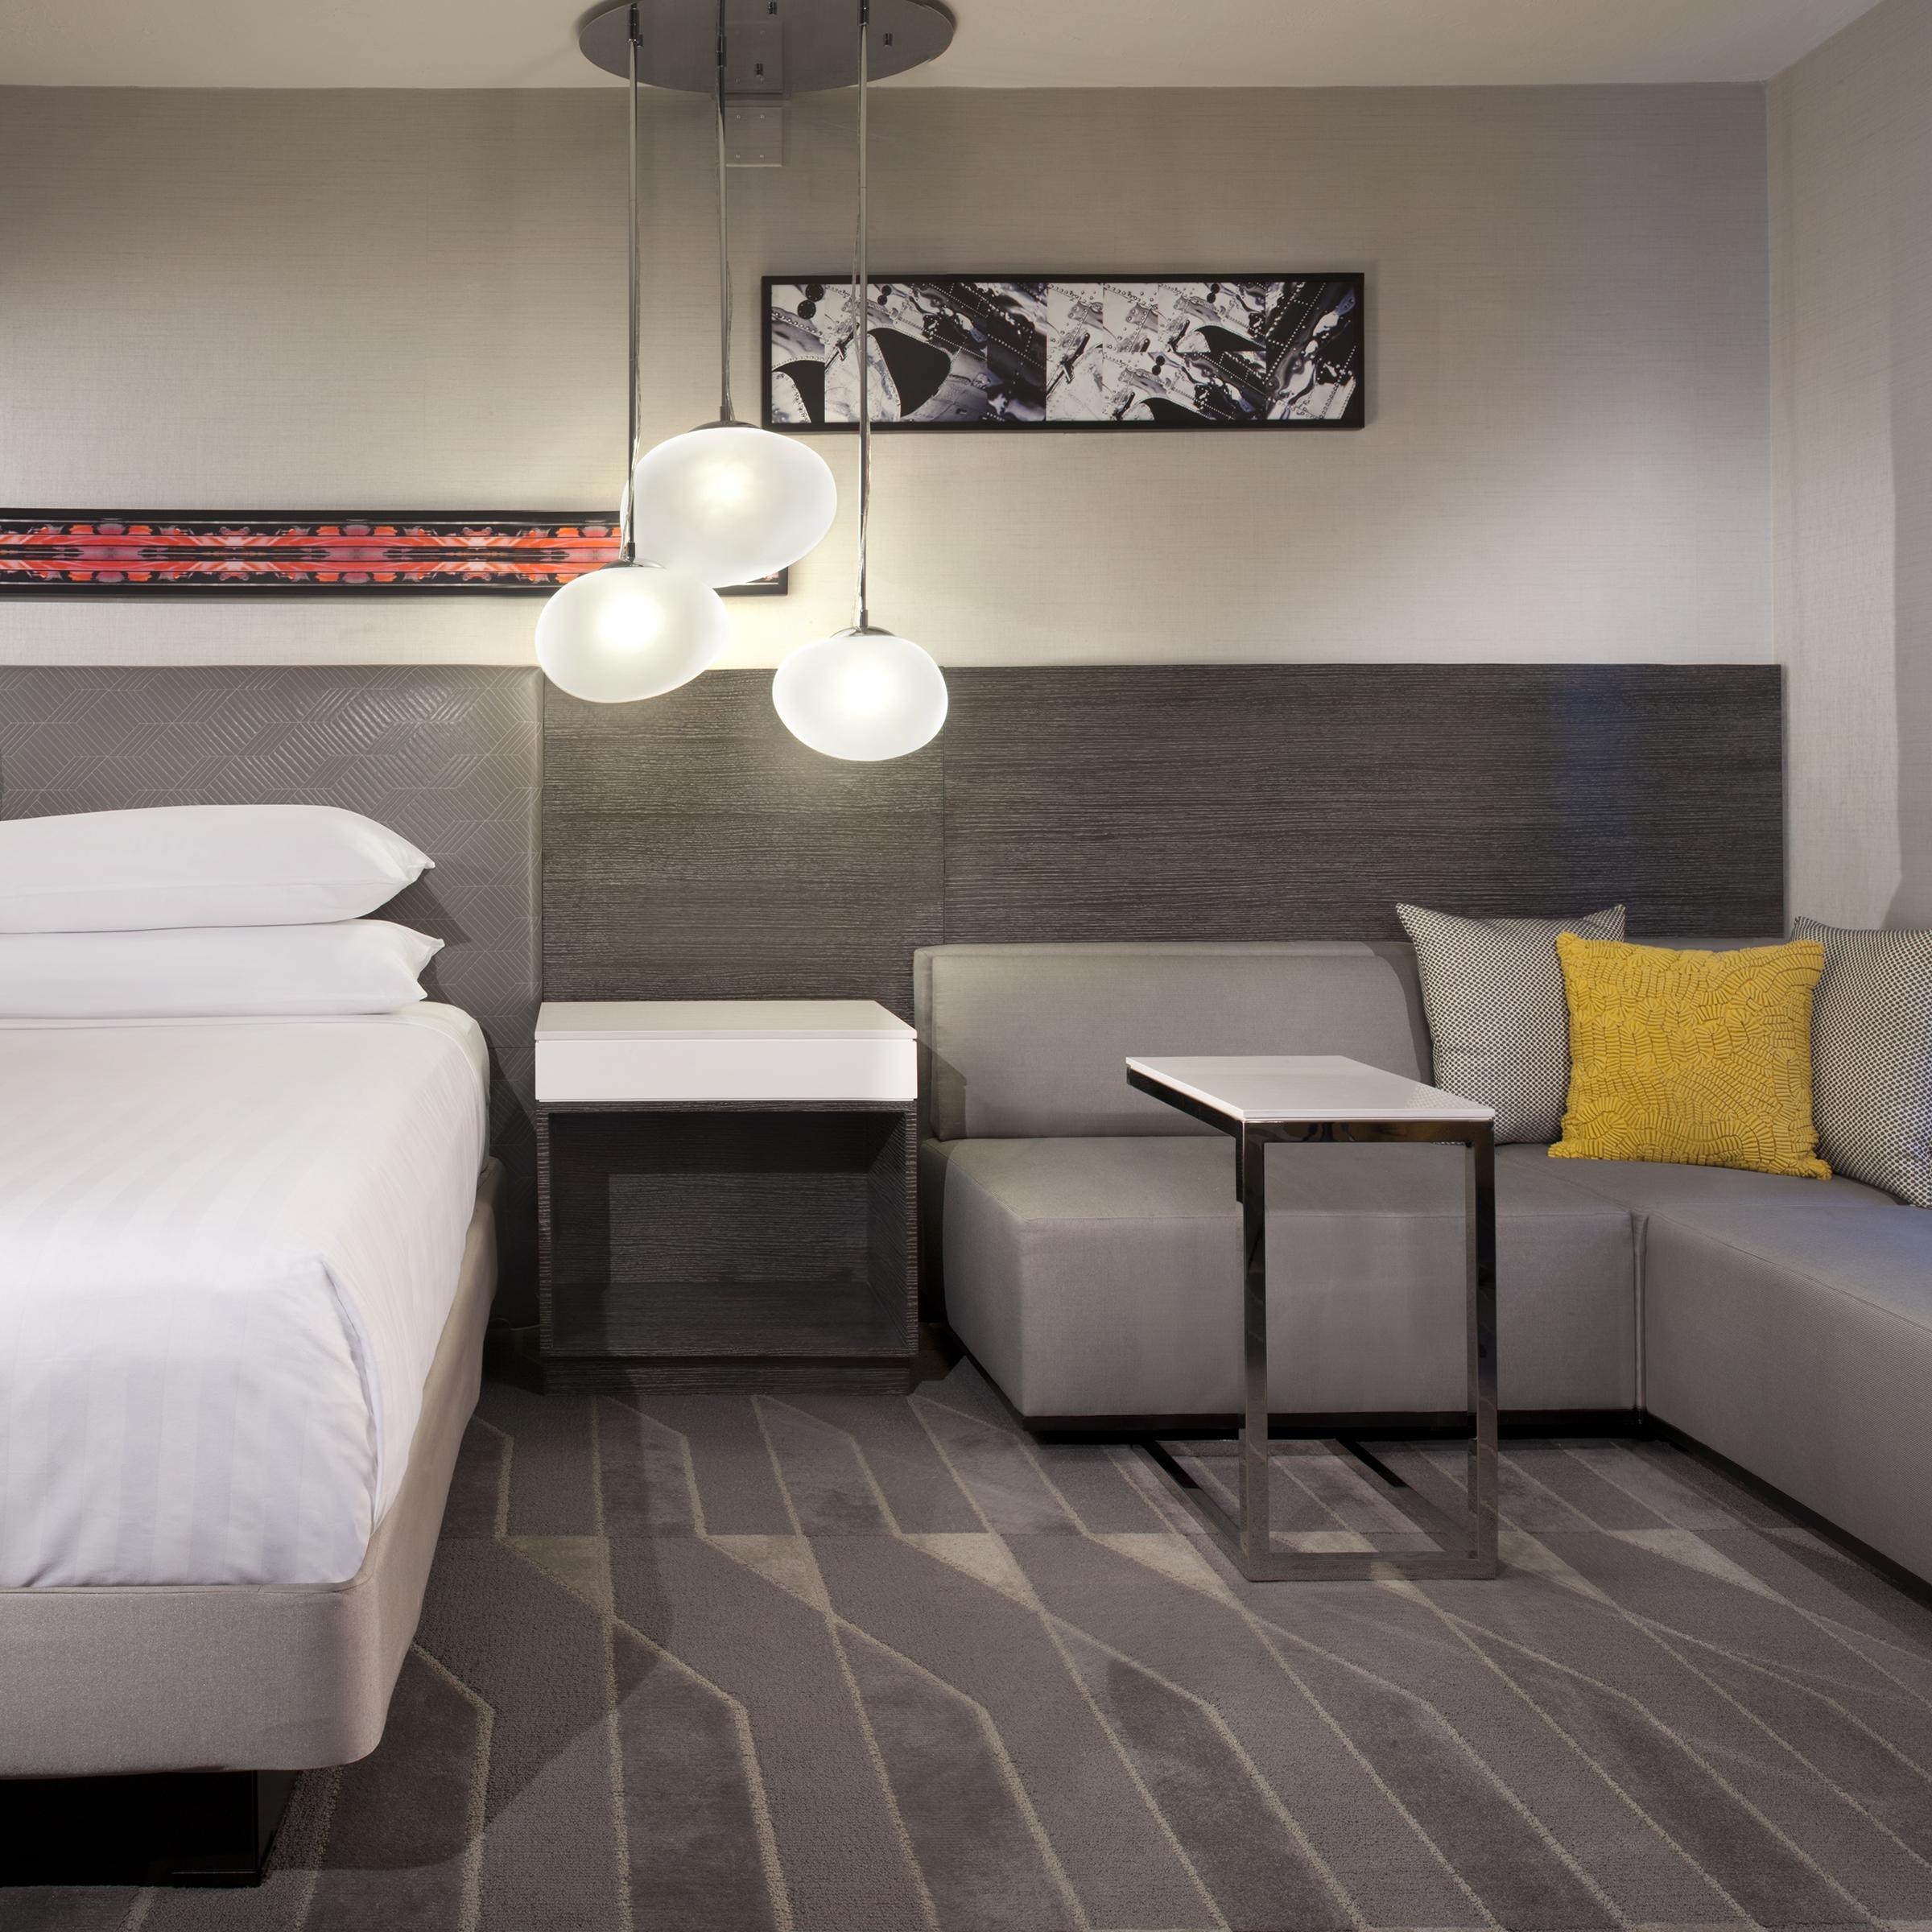 Hyatt Regency LAX Guestroom